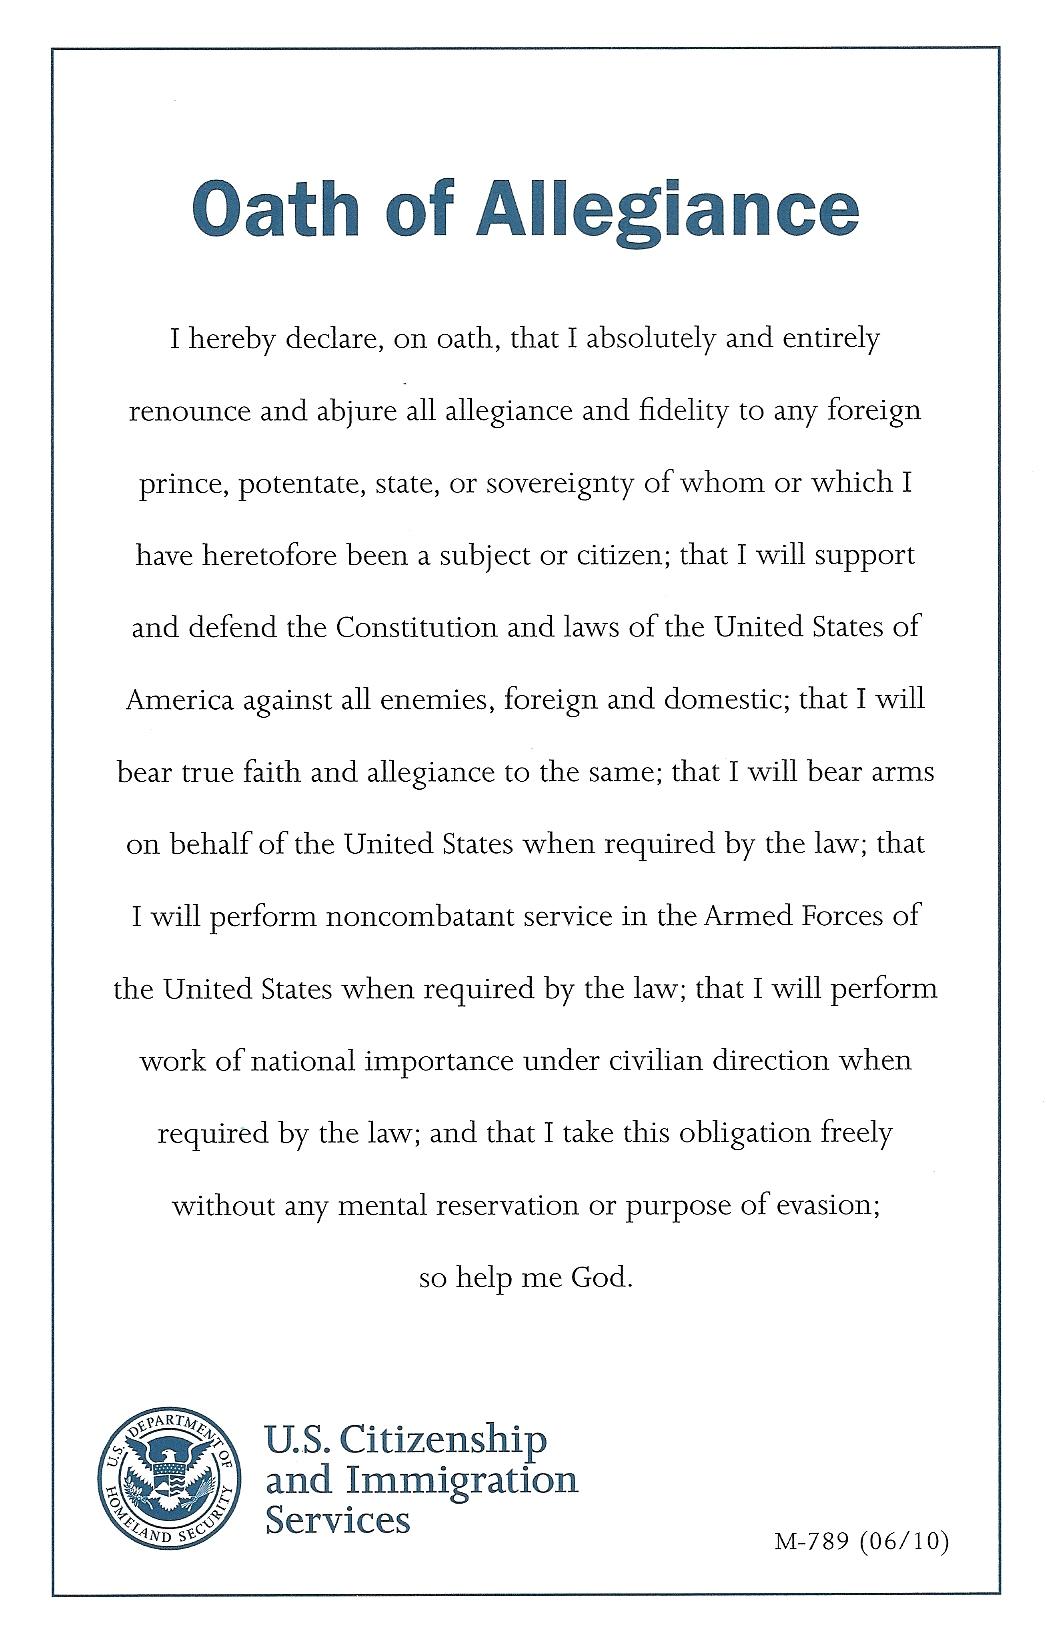 Oath of Allegiance0001